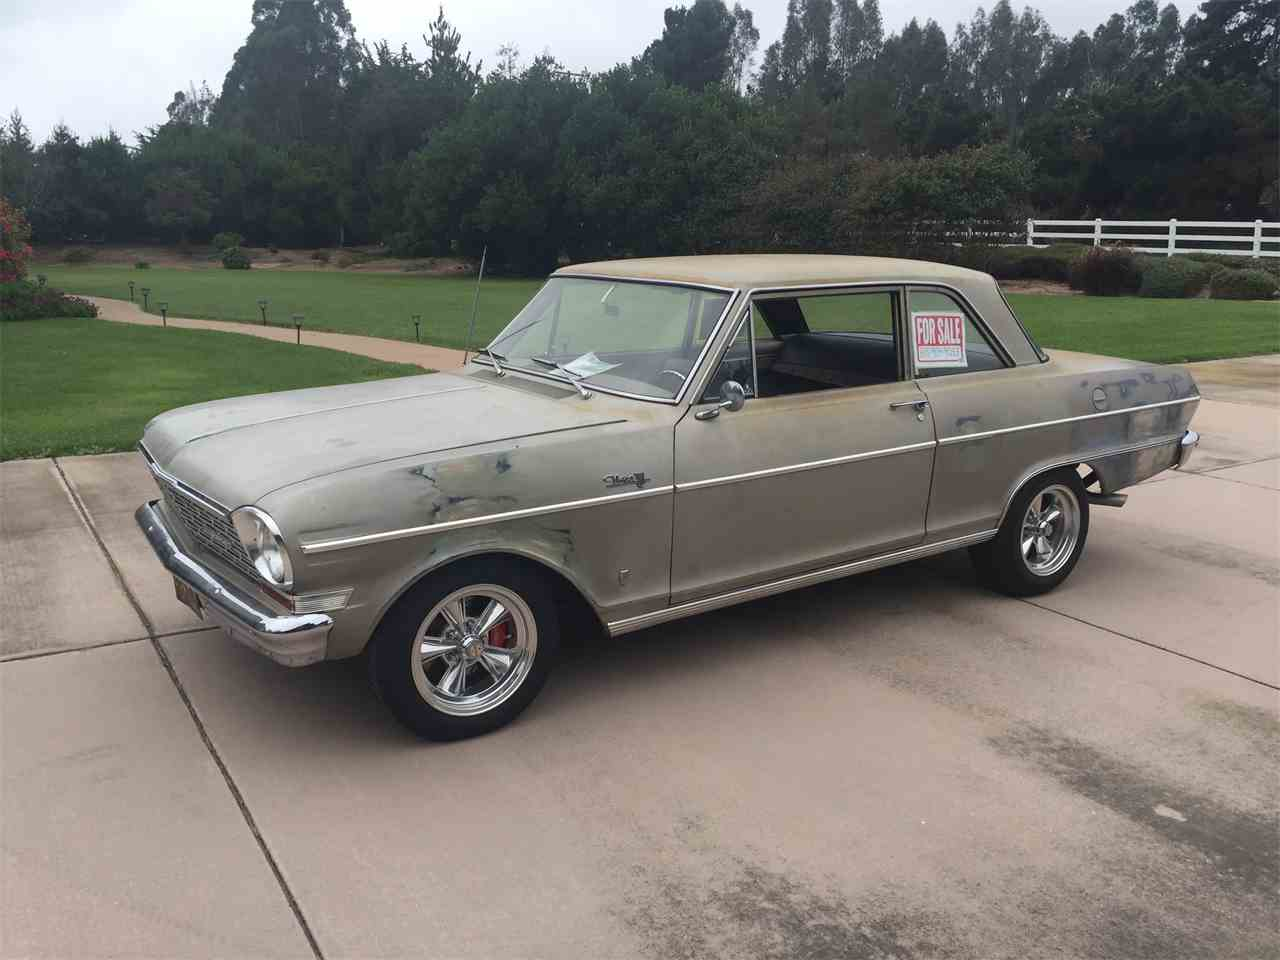 All Chevy 64 chevy nova : 1964 Chevrolet Nova for Sale | ClassicCars.com | CC-1033938